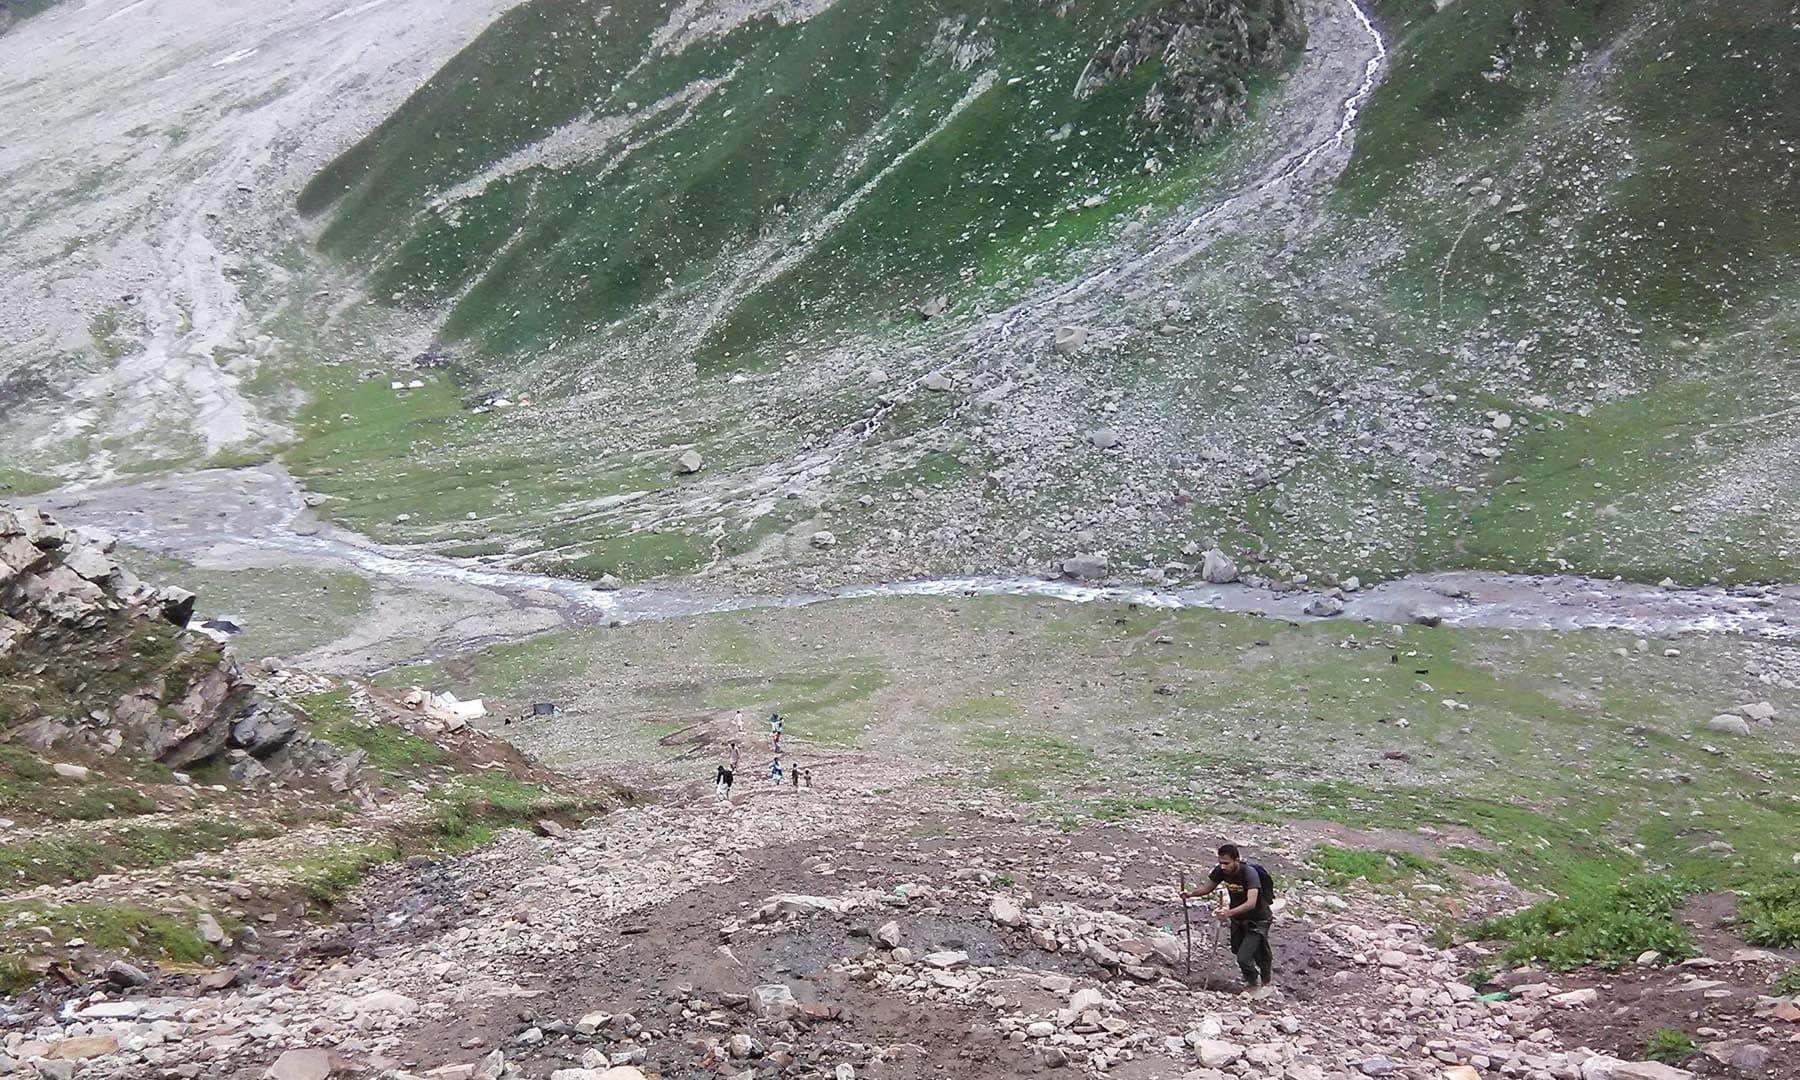 بیس کیمپ سے چڑھائی چڑھتے ہوئے—تصویر عظمت اکبر